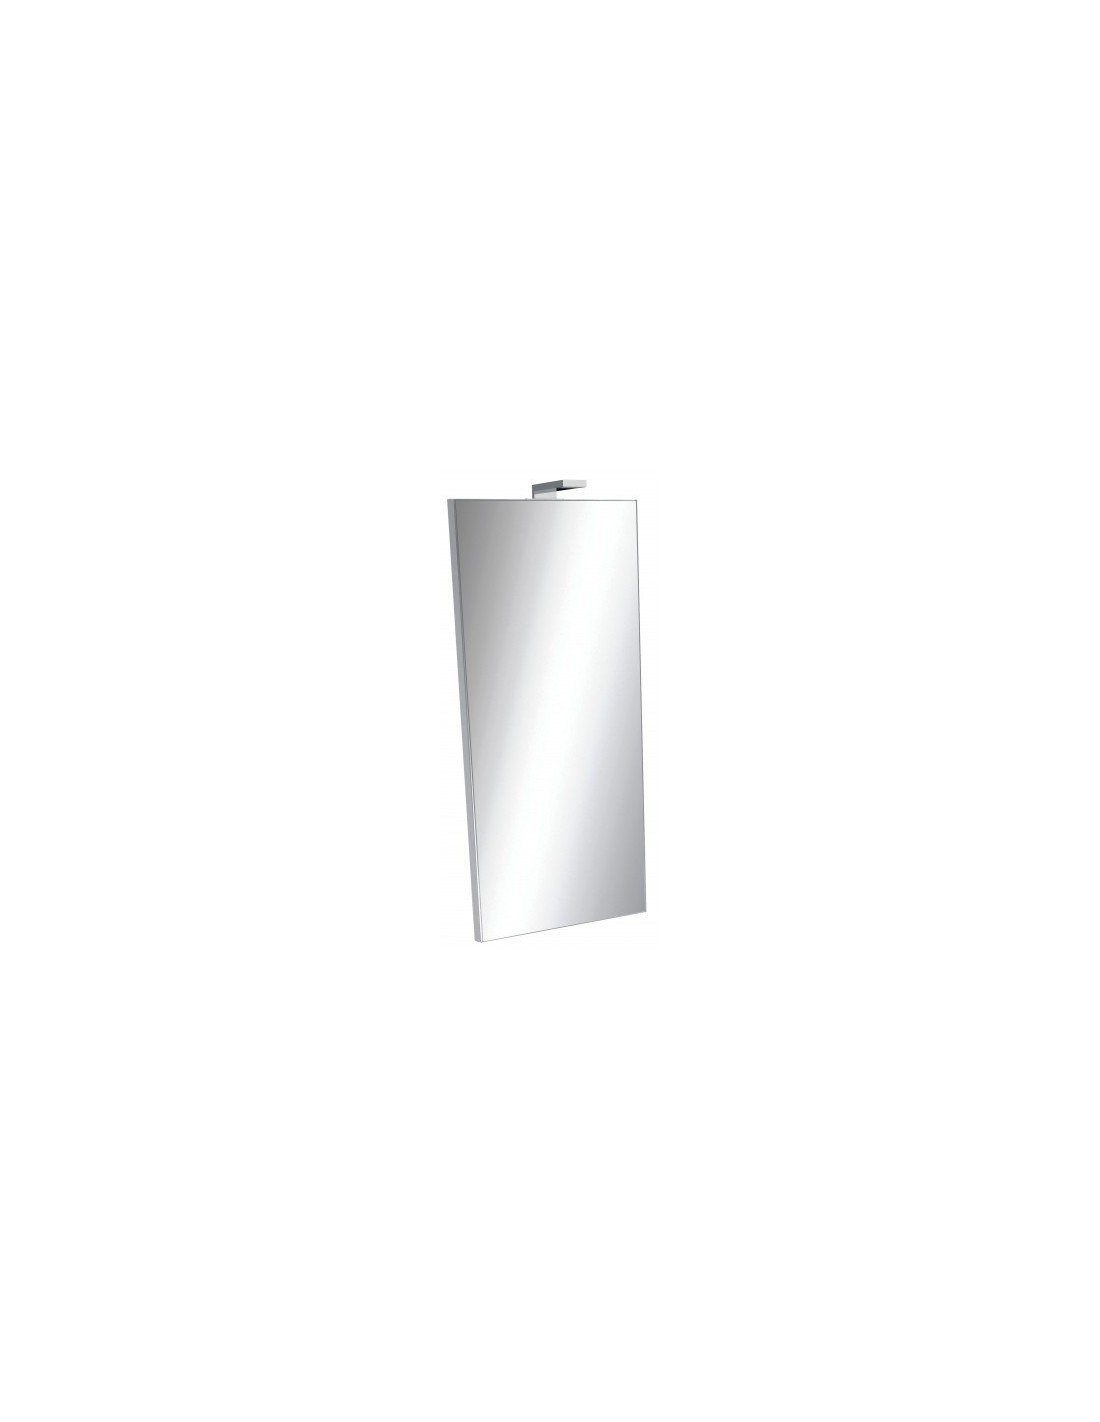 armoire de toilette d 39 angle odeon up jacob delafon. Black Bedroom Furniture Sets. Home Design Ideas